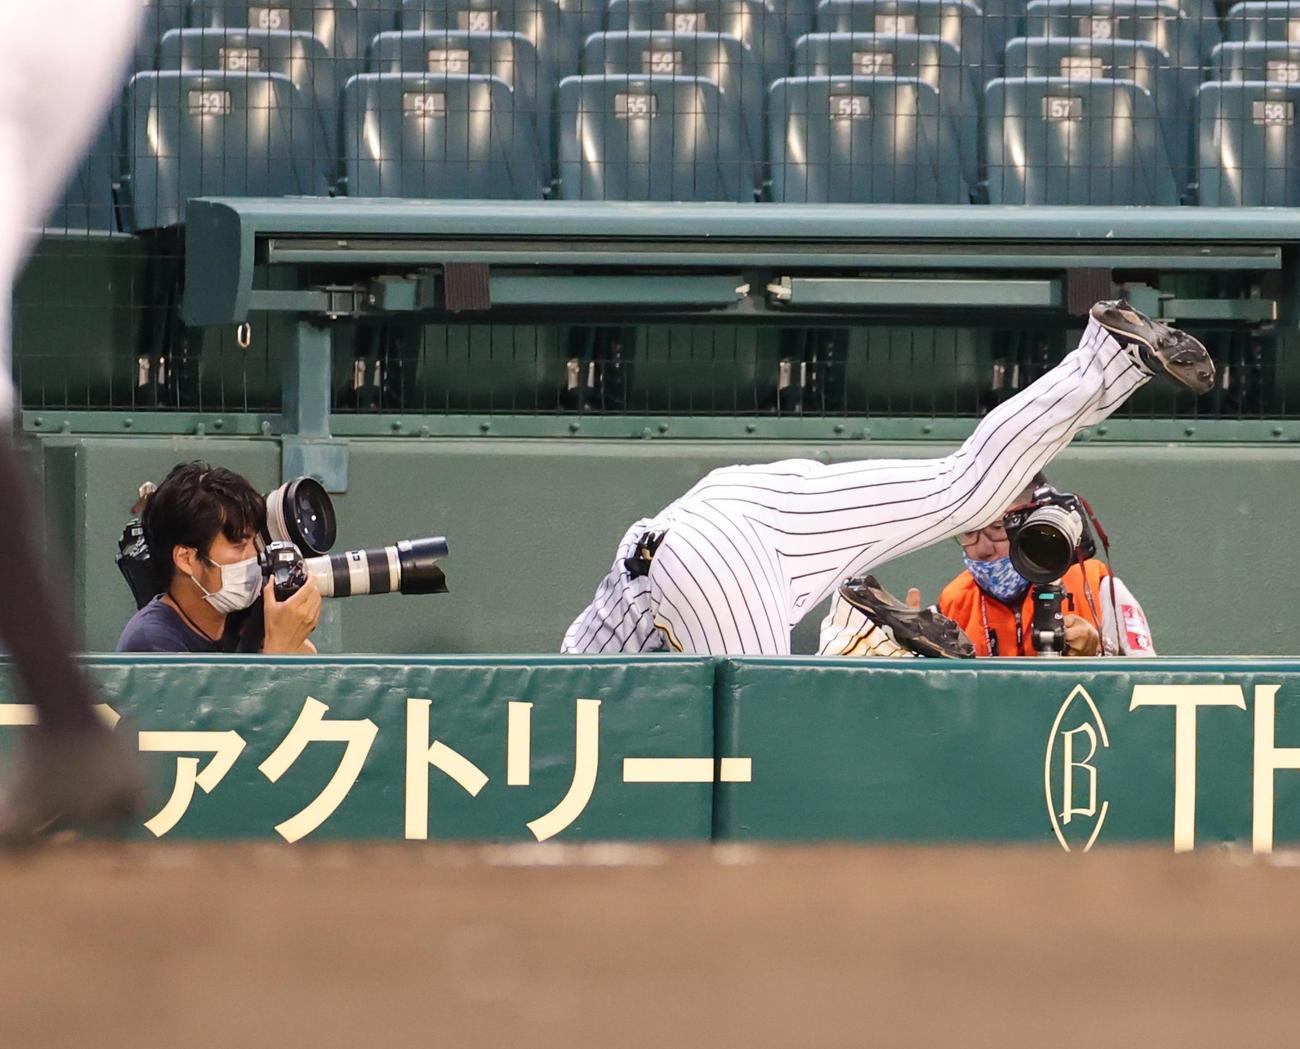 阪神対巨人 5回表巨人2死、丸の飛球をカメラ席前で捕球した三塁手大山はカメラマン席に転落する(撮影・河野匠)